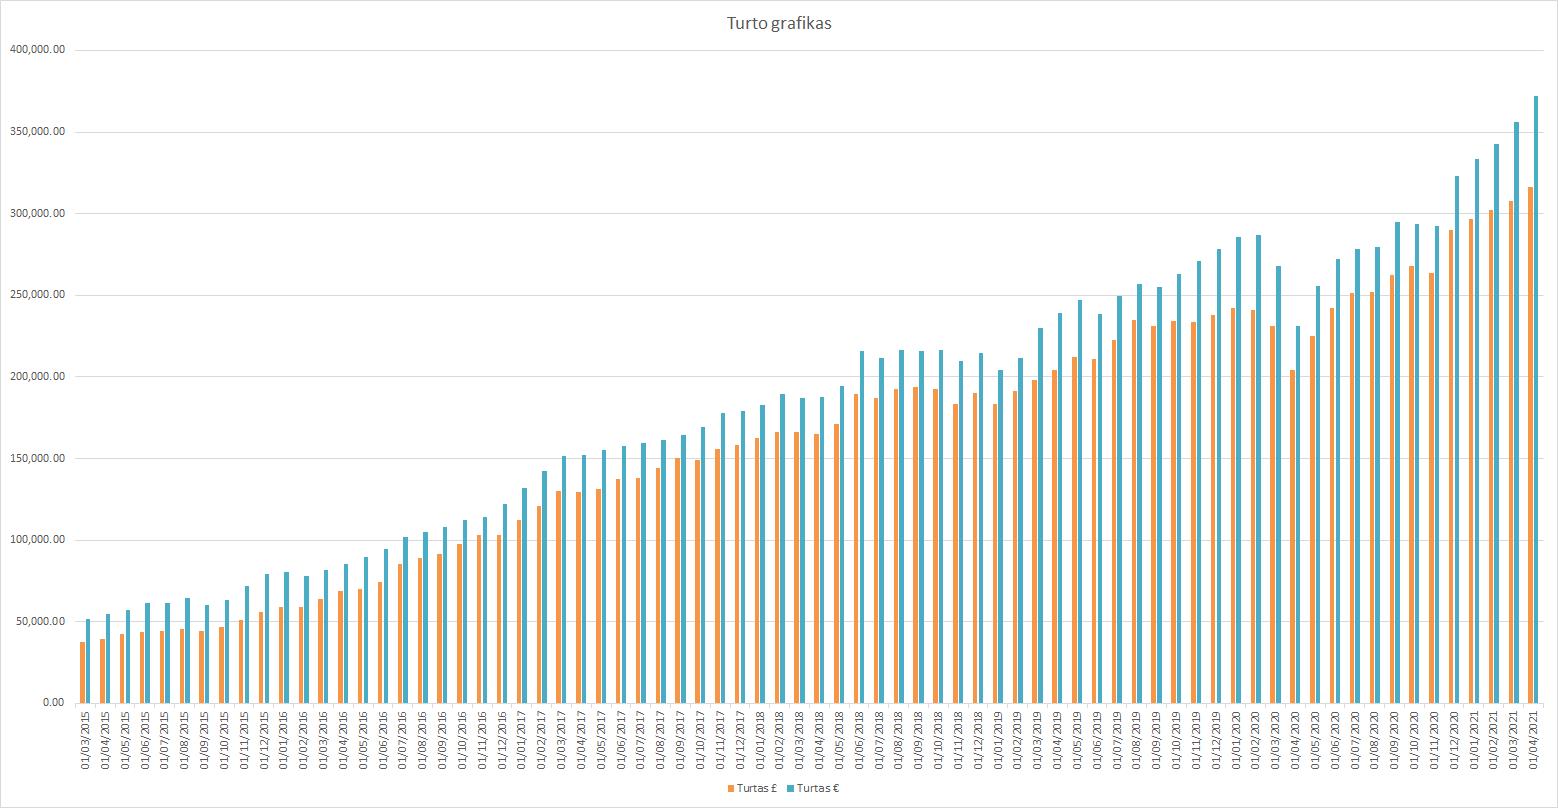 Turto grafikas 2021-04-01